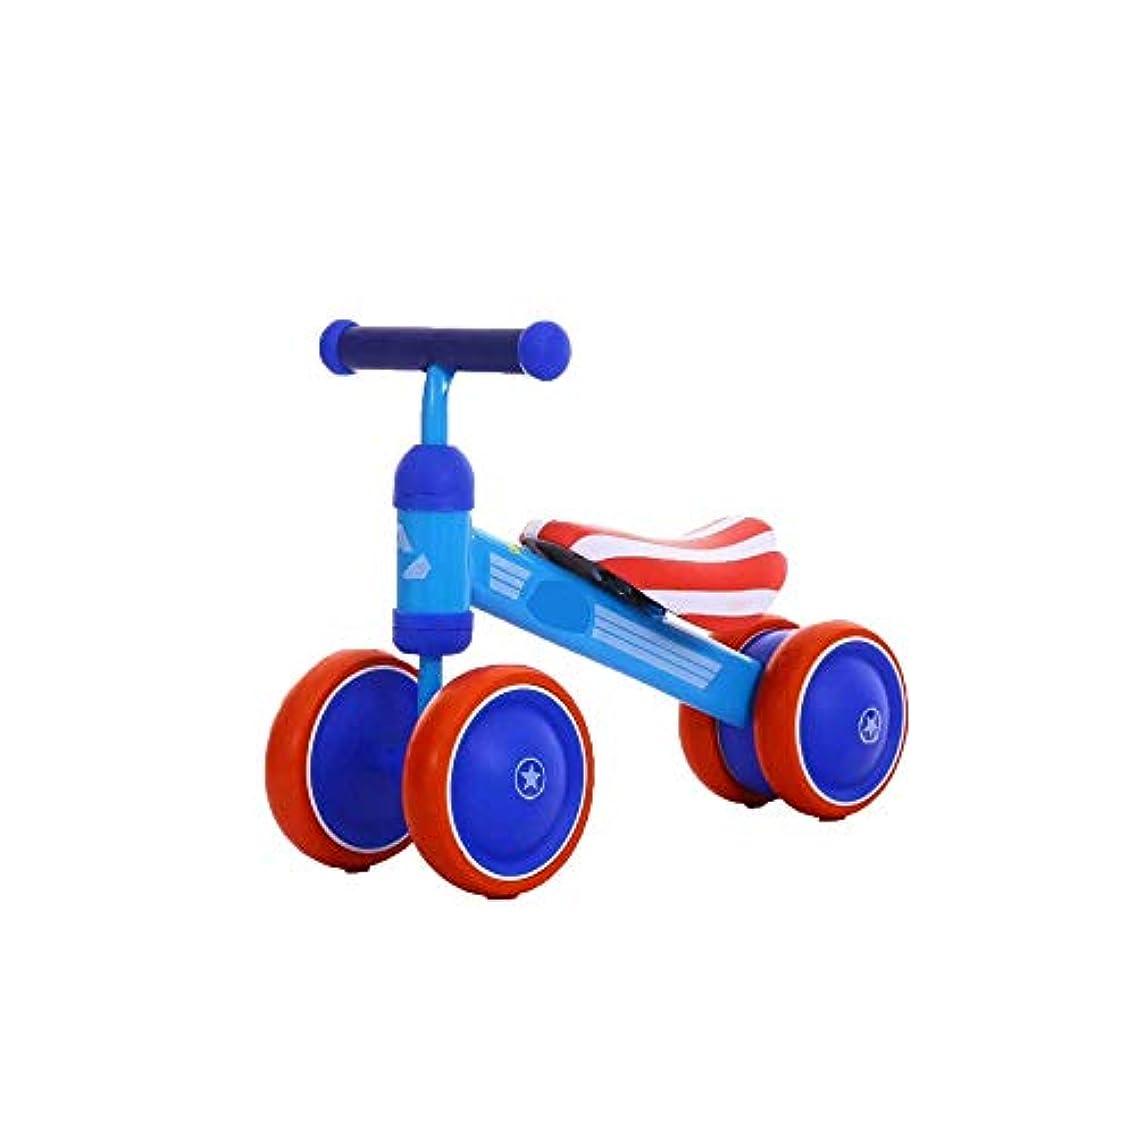 着替えるドラム横バランスバイク 赤ちゃん高炭素鋼バランスバイクペダルなし四輪スポーツバランス自転車安全な乗り物のおもちゃ 幼児用バランスバイク (色 : Pink, Size : Free size)